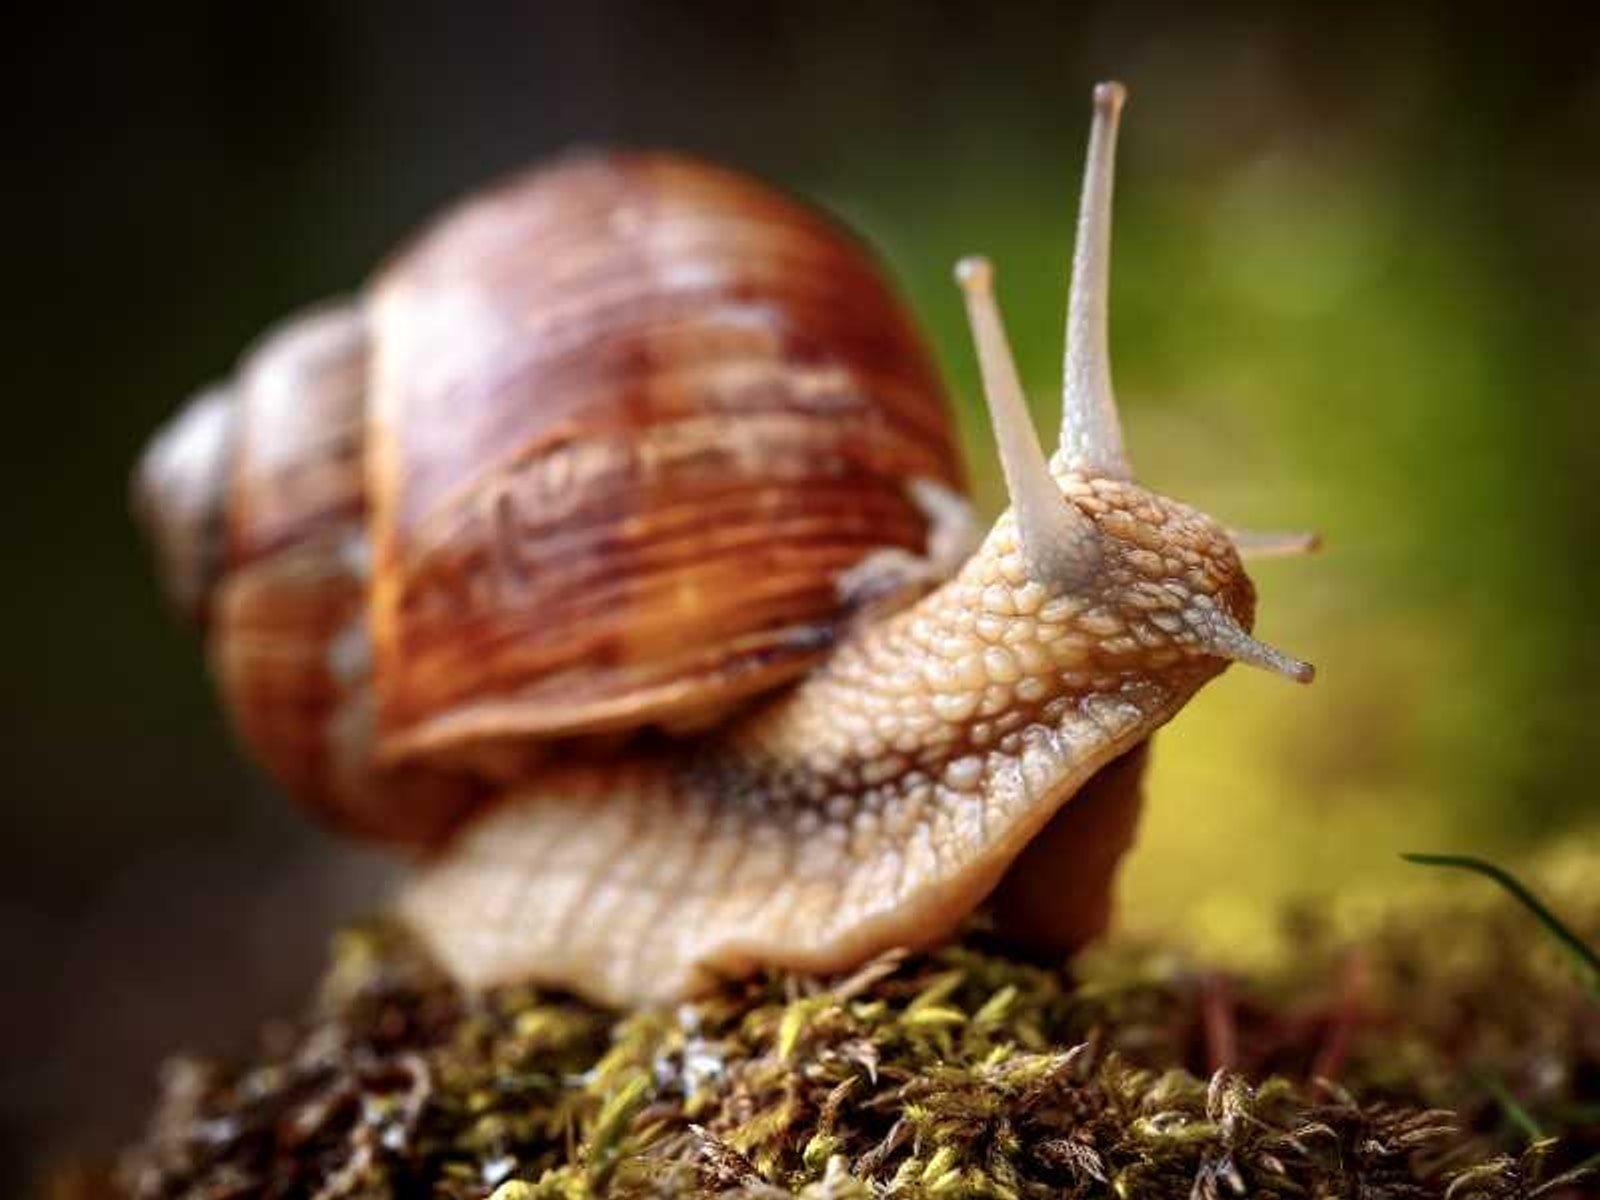 Slakken bestrijden in de moestuinbak